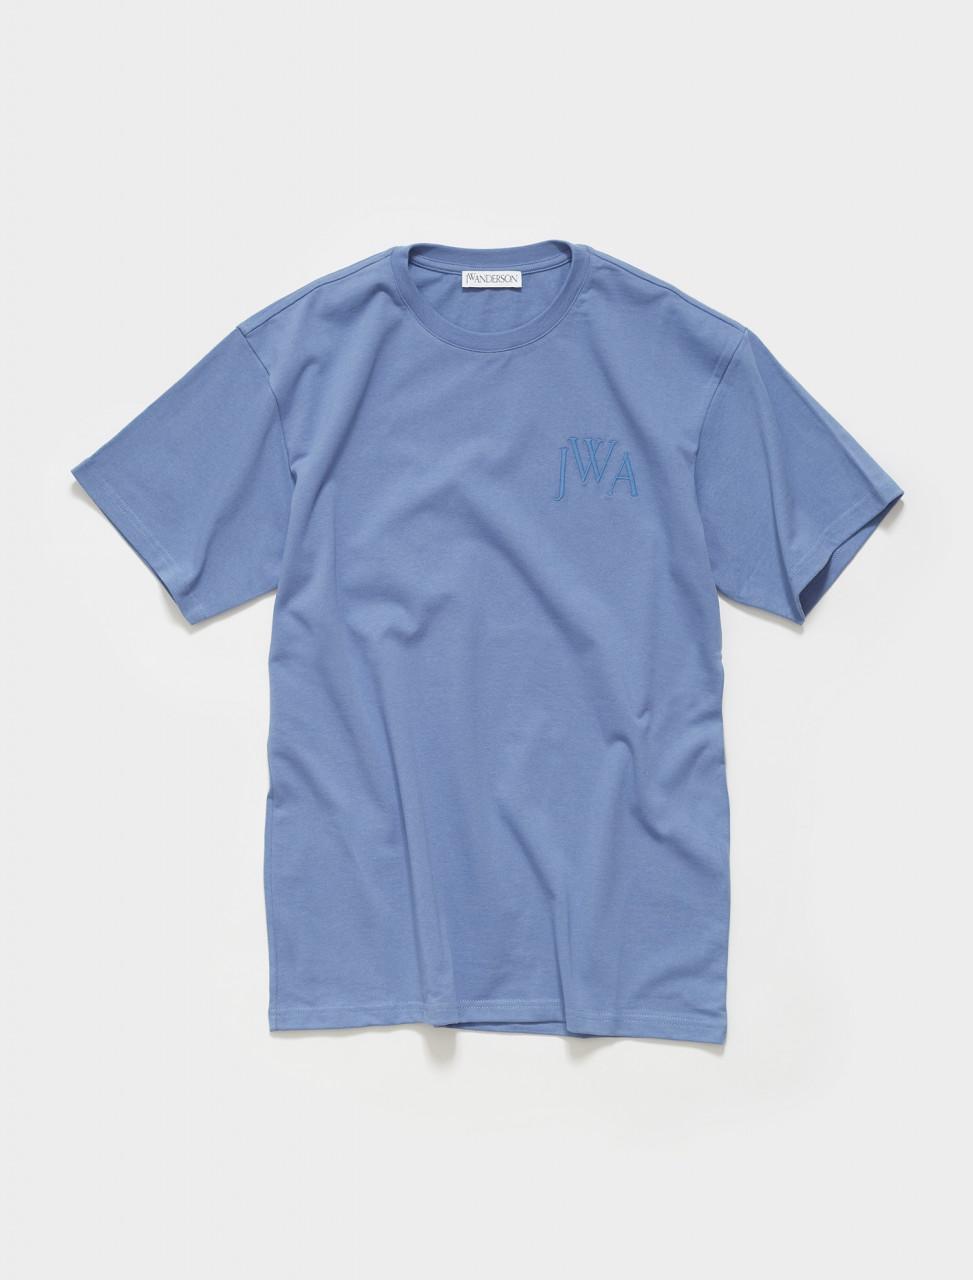 179-JE0034-PG0079-603 JW ANDERSON JWA LOGO EMBROLDERED T SHIRT IN DENIM BLUE